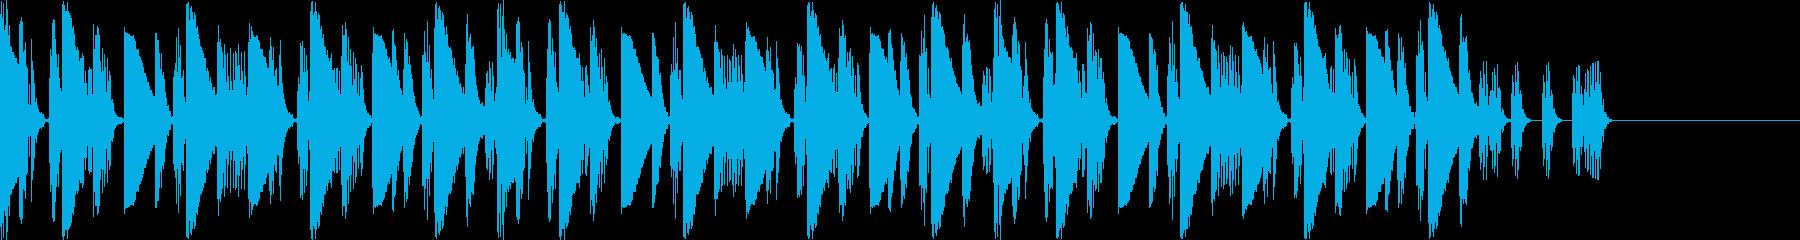 ハウスよりのBGMの再生済みの波形